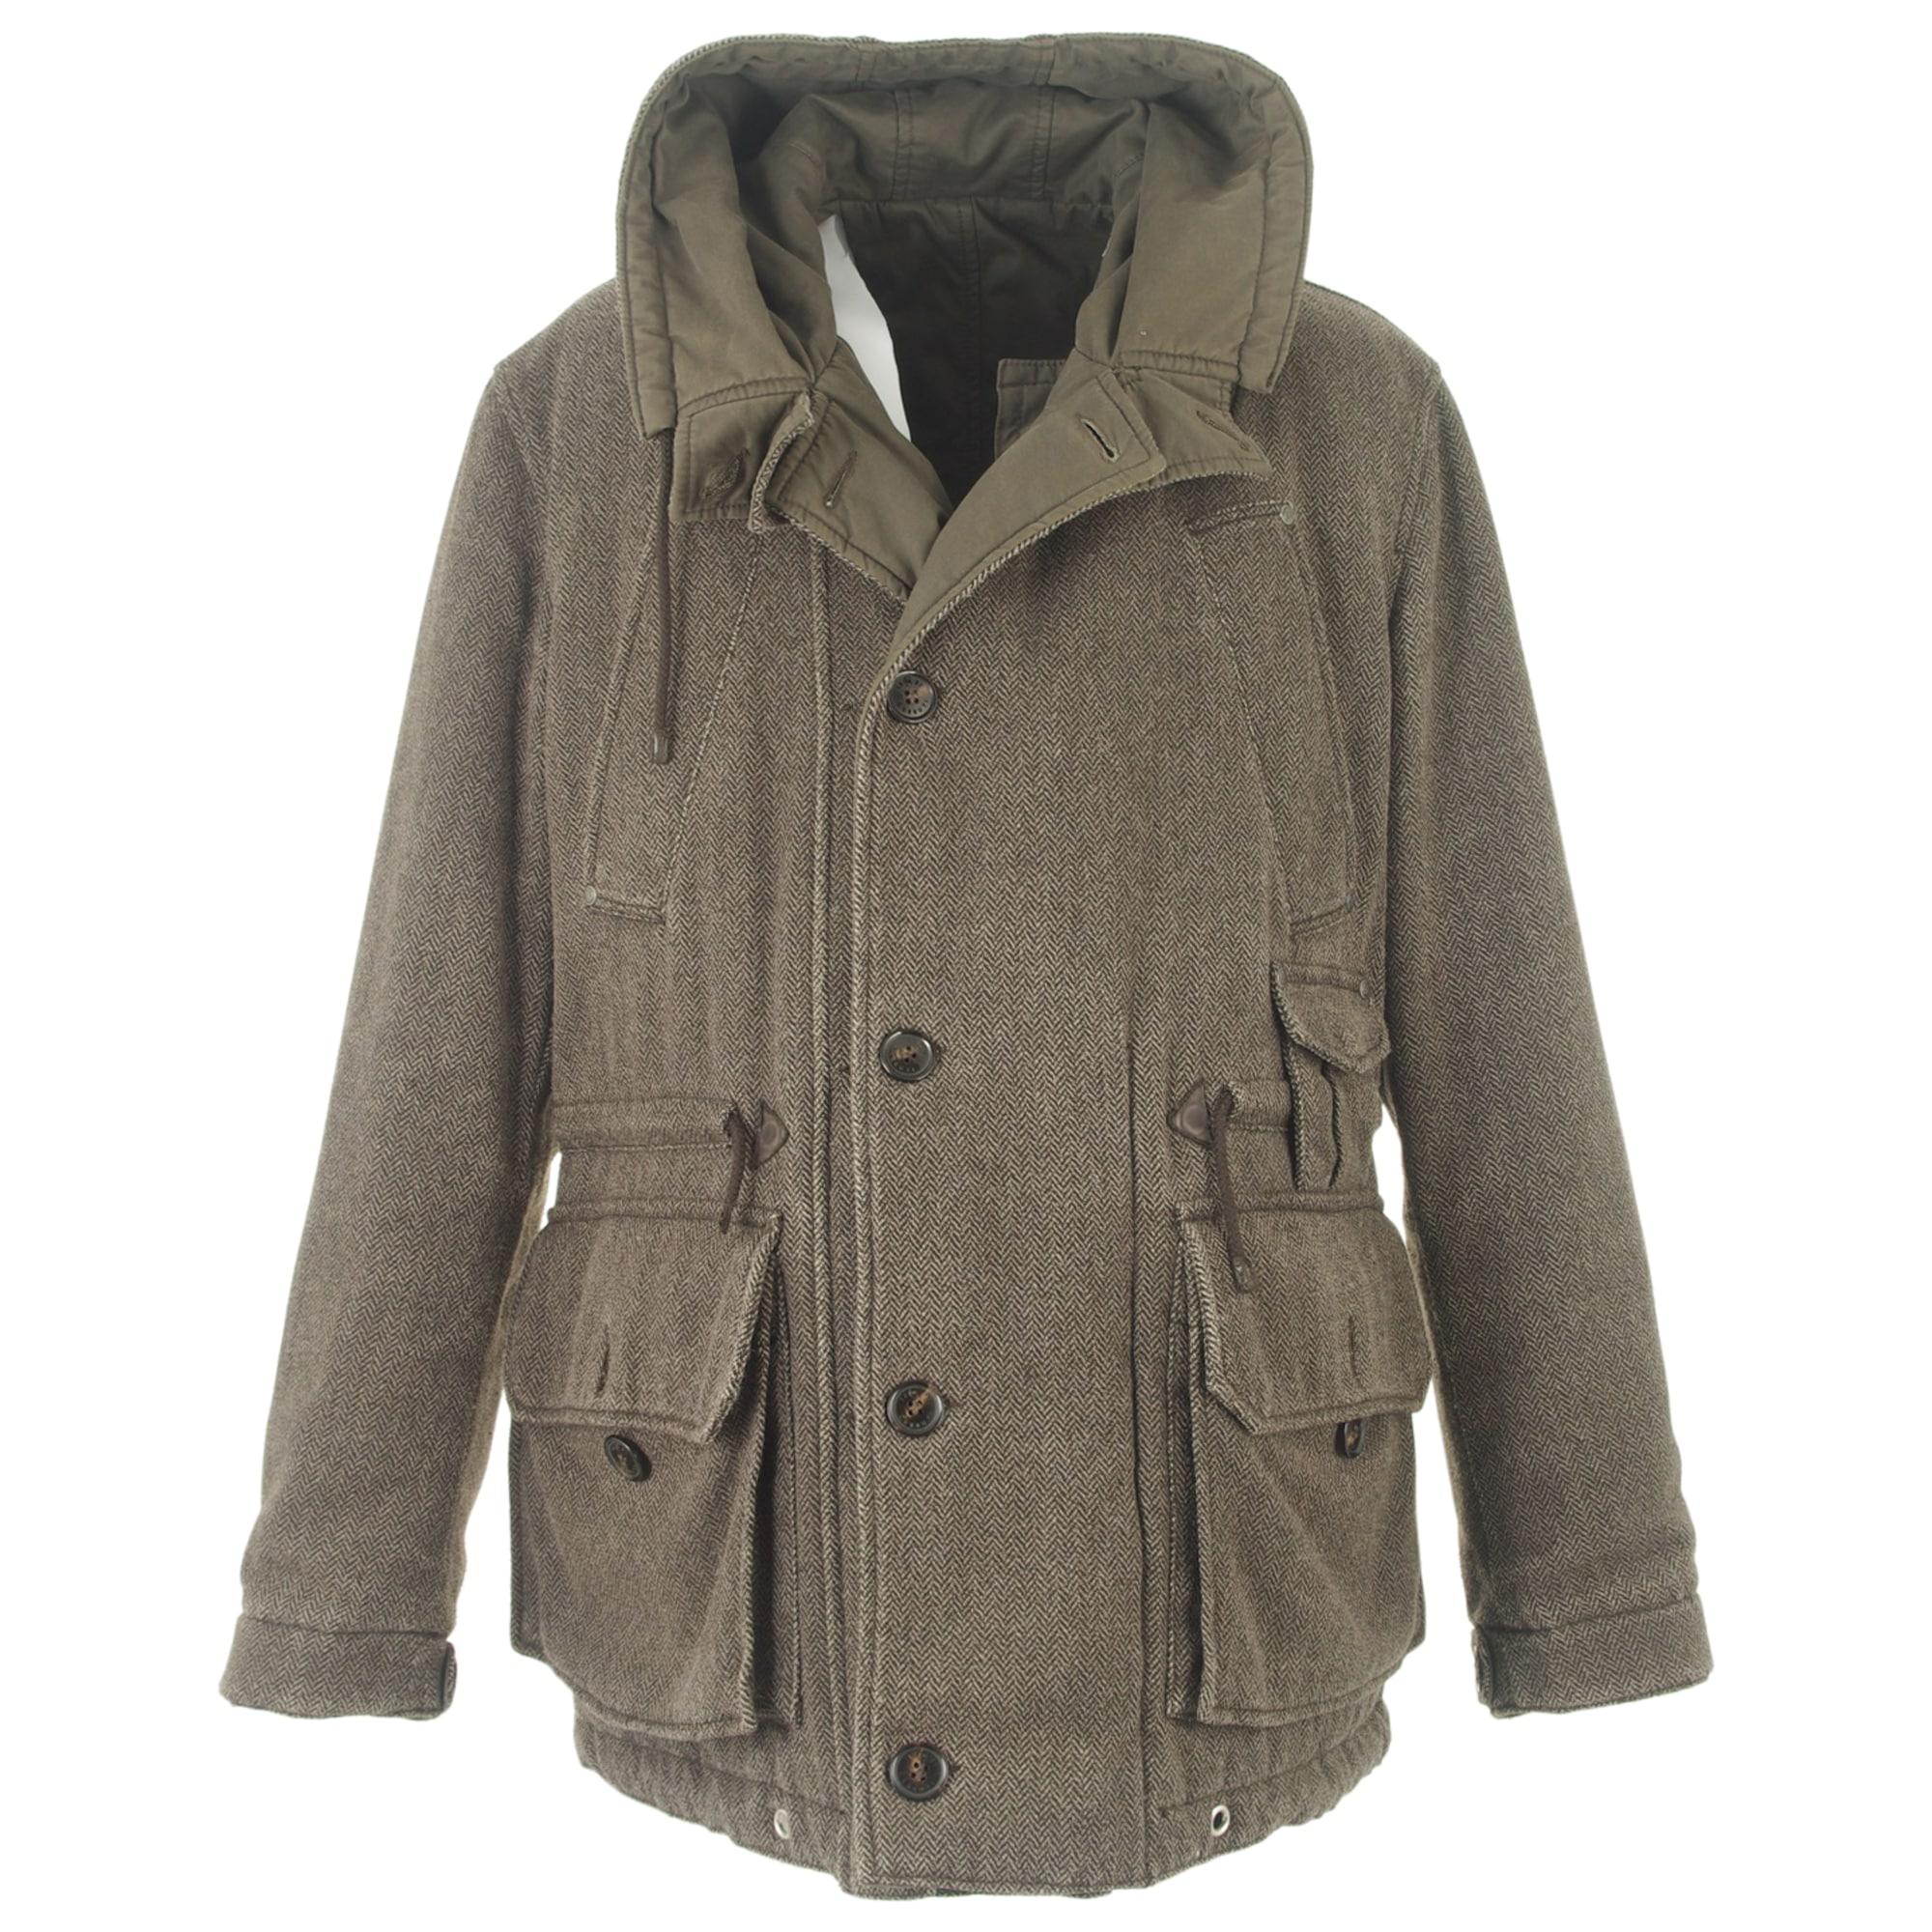 Manteau CERRUTI 1881 52 (L) marron vendu par Le vide-dressing du ... 47aa26eca4a